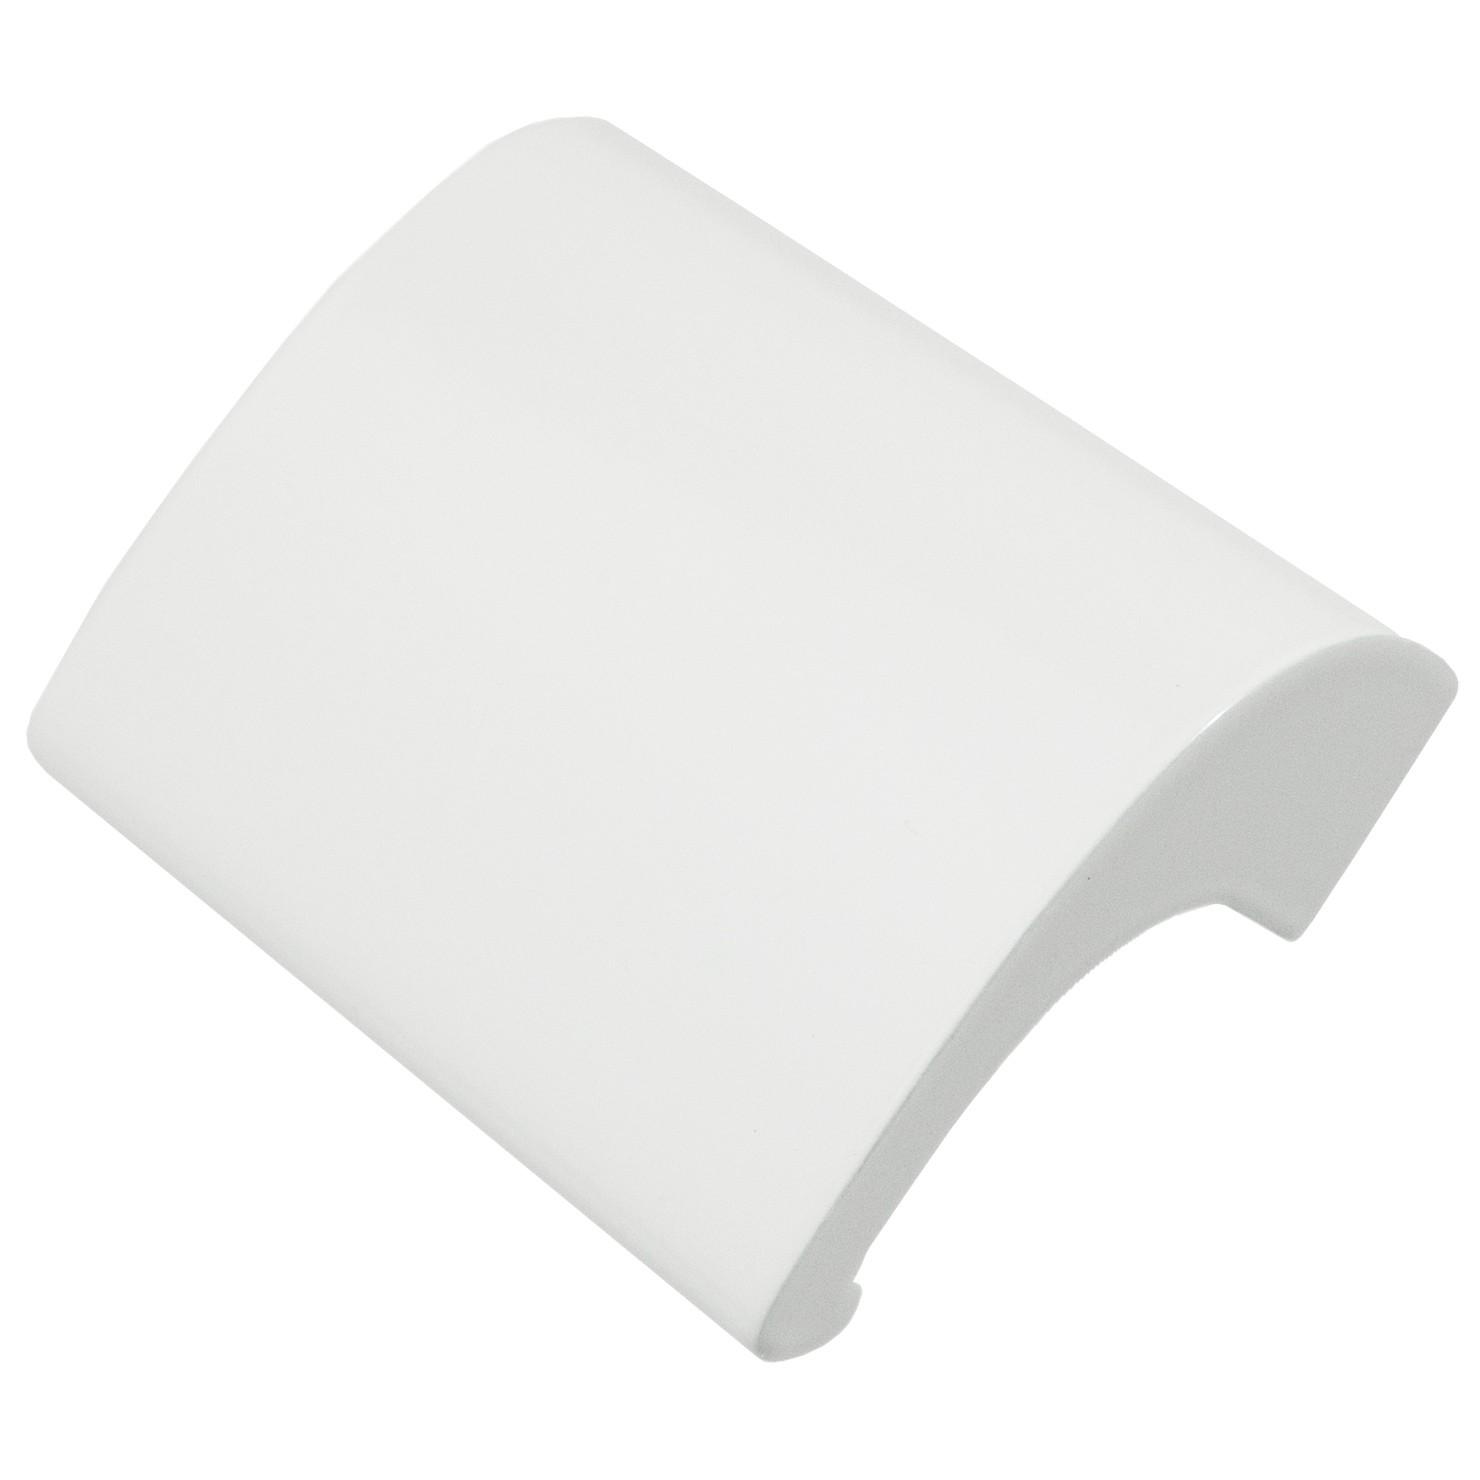 RAL 8017 Farbe braun Aluminium FH-Stabil Balkont/ürgriff Balkongriff Ziehgriff Terrassent/ürgriff Deluxe